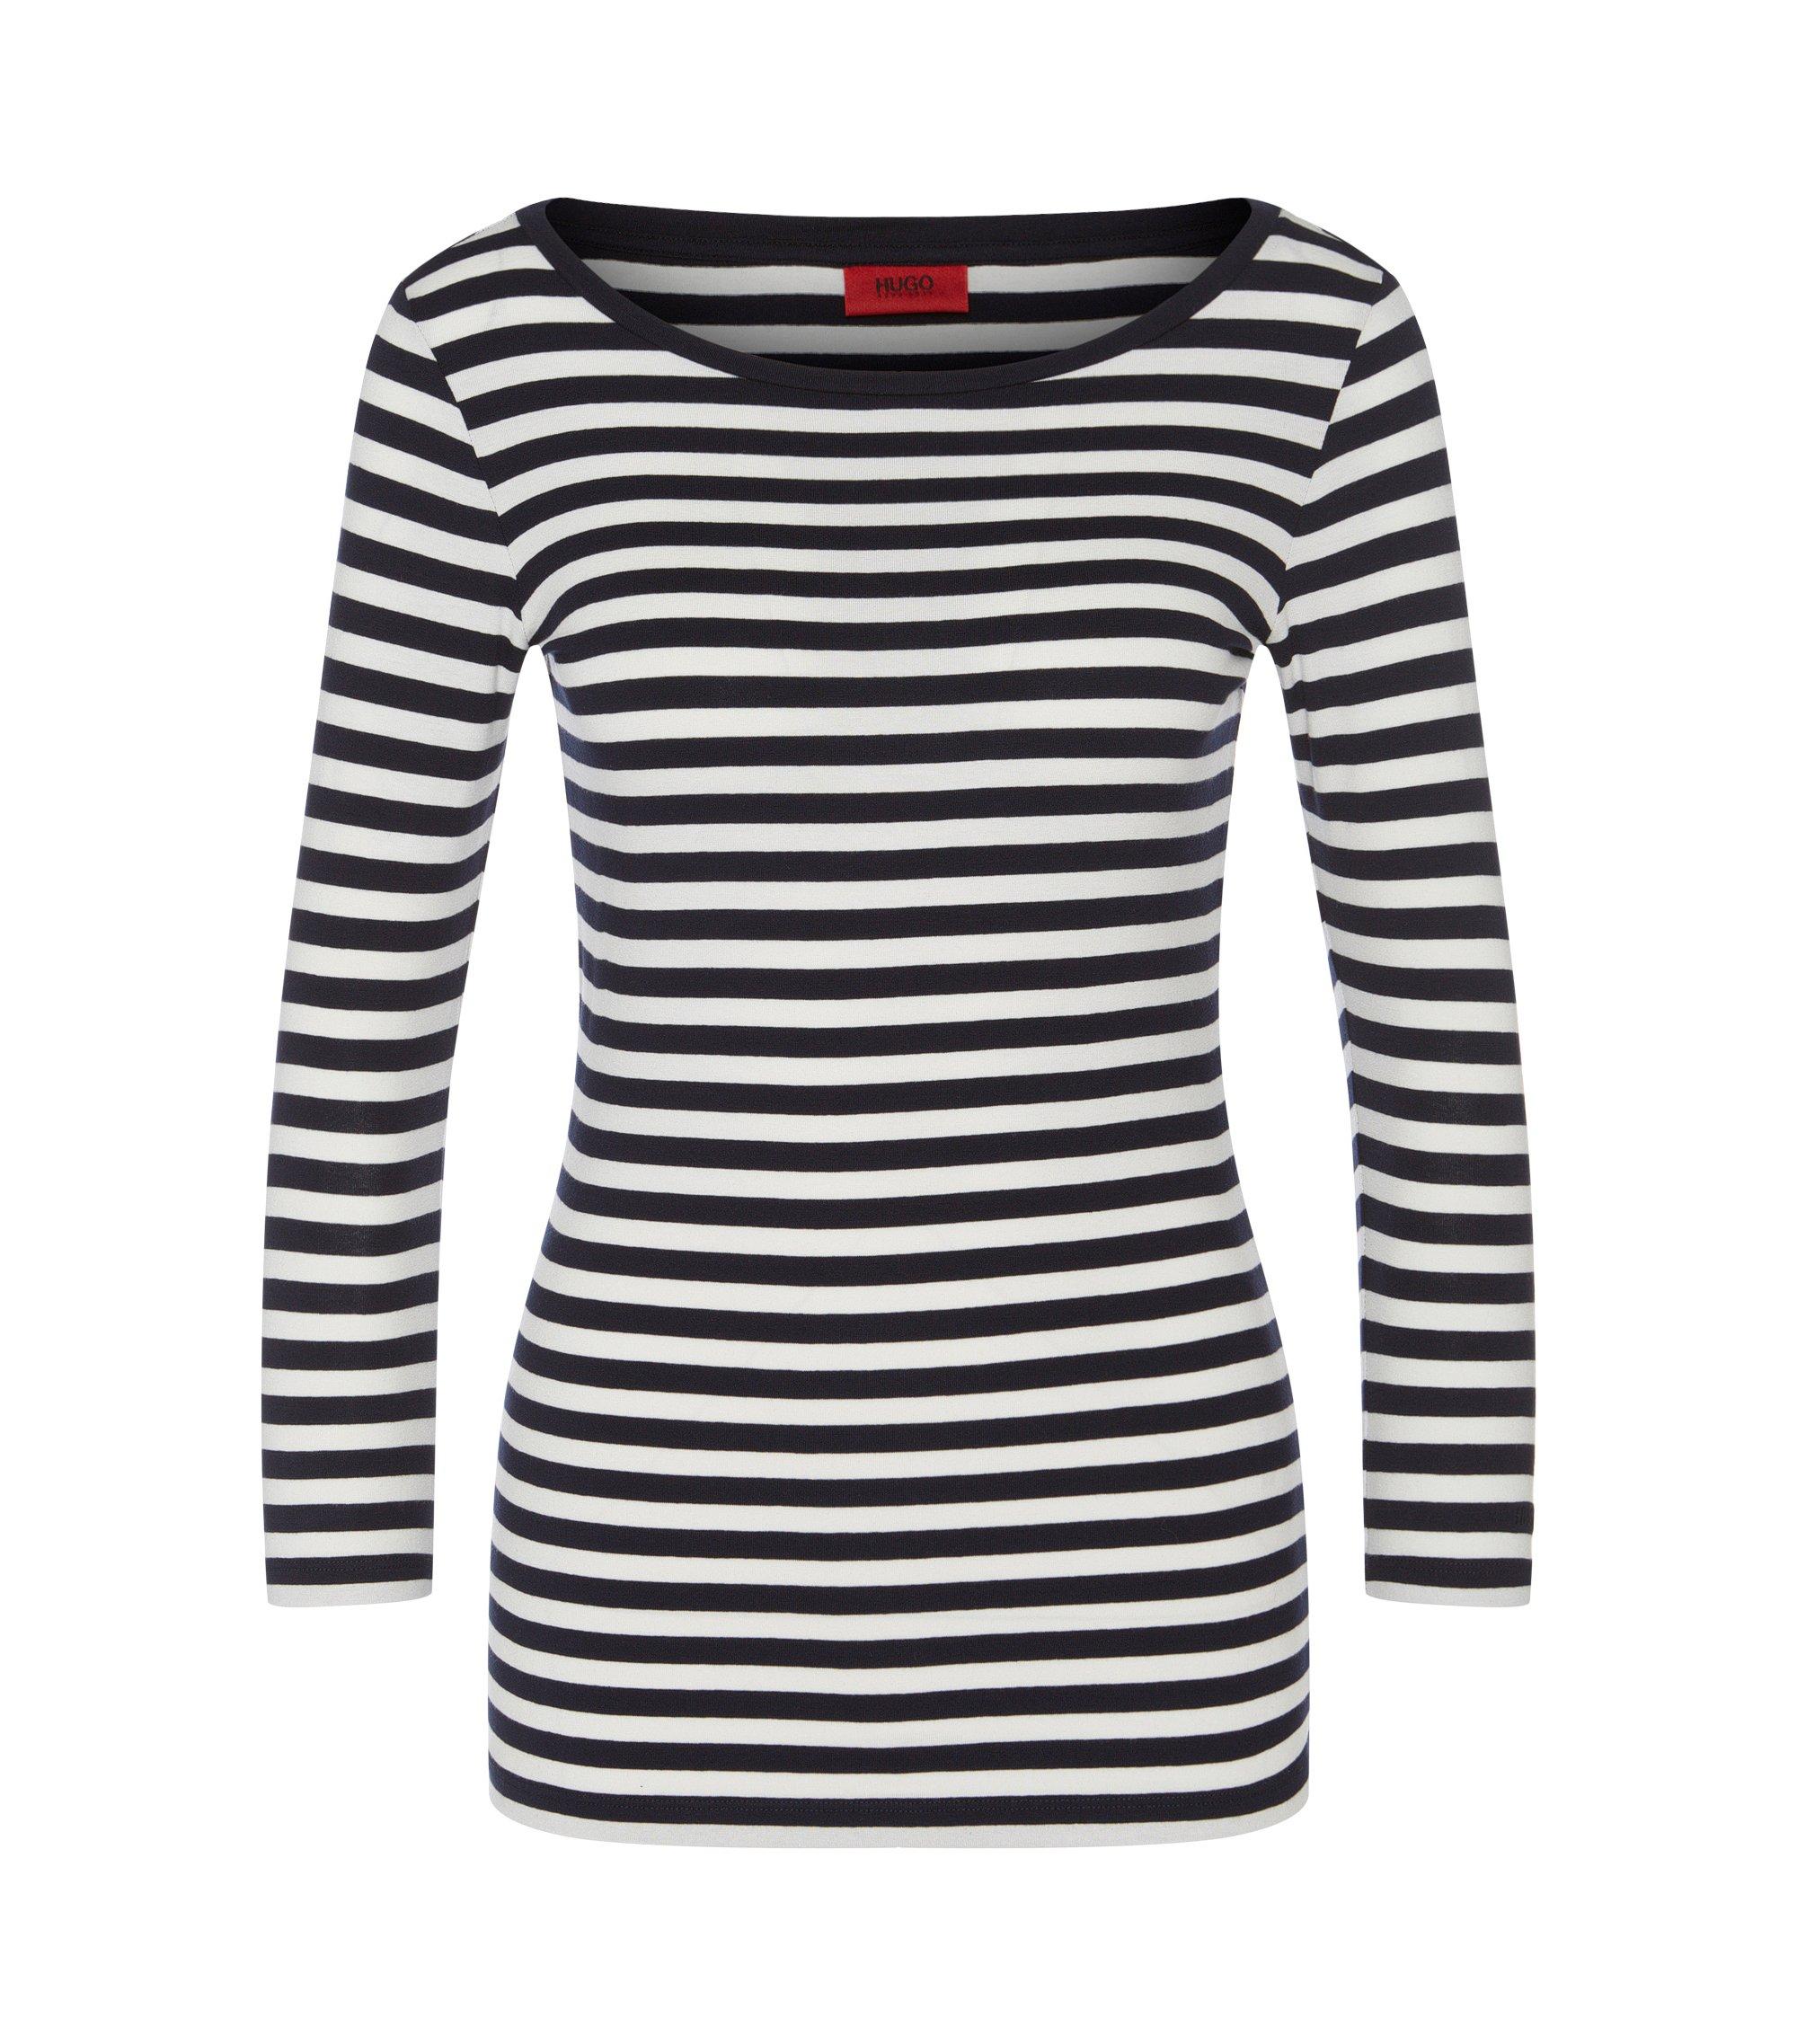 T-shirt Slim Fit en jersey à rayures, à encolure bateau, Fantaisie